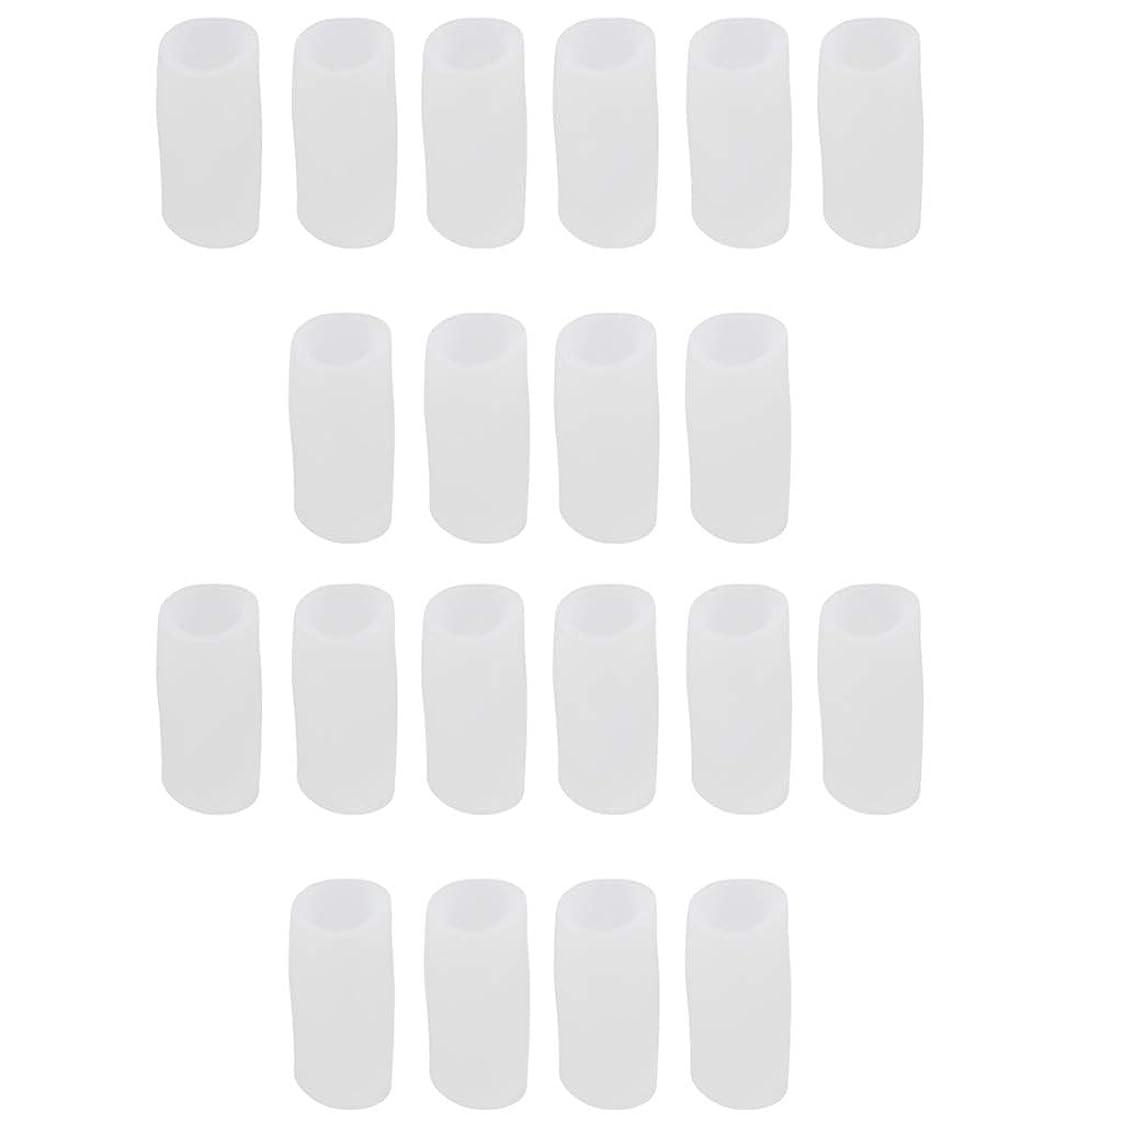 偽善者わずかに疑い者CUTICATE 足指保護キャップ つま先プロテクター つま先 キャップ シリカゲル 柔軟性 洗える 20個 全2サイズ - S